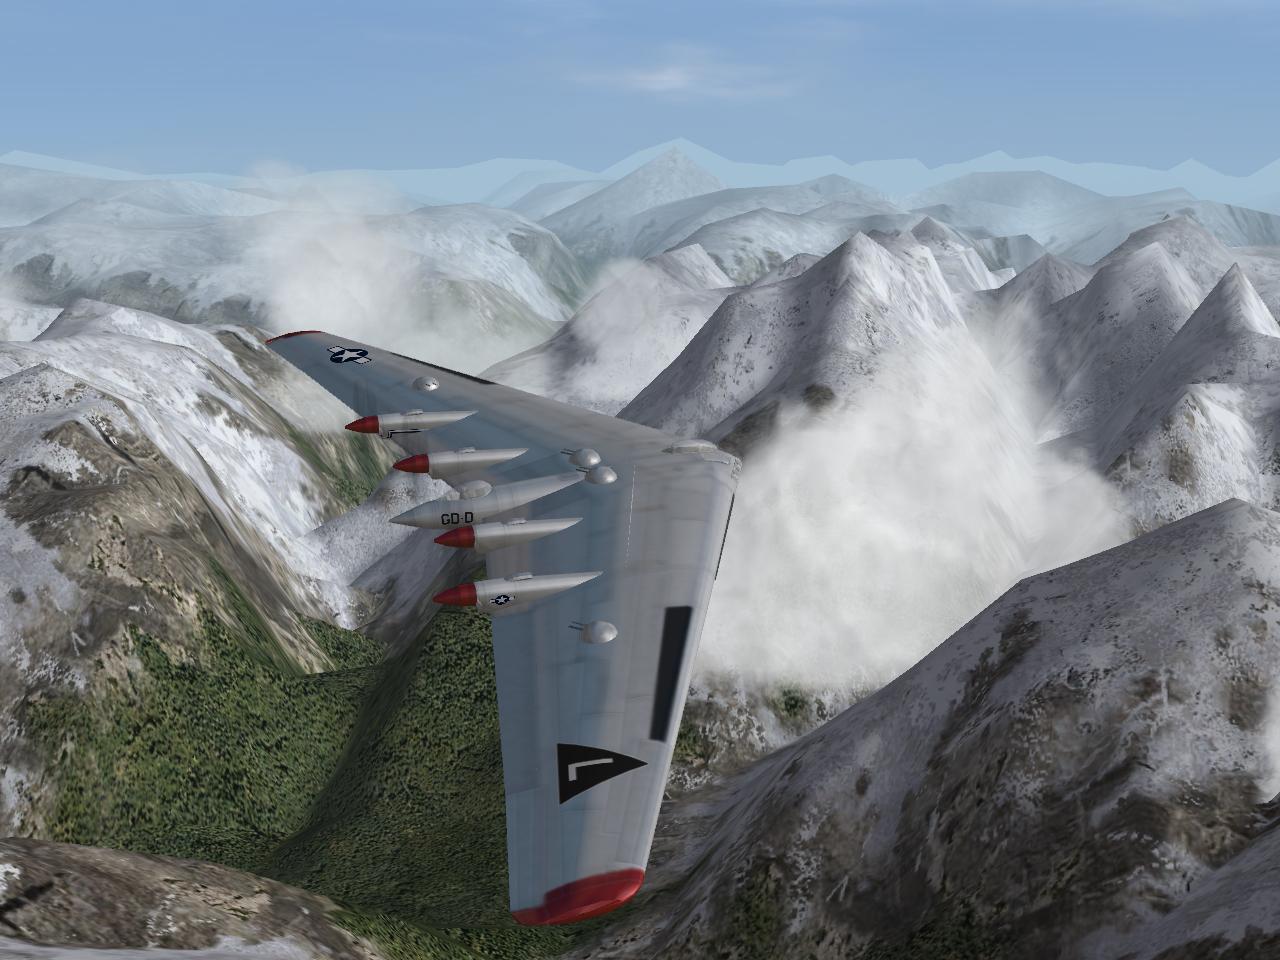 XB-35 over Mountain Thaw